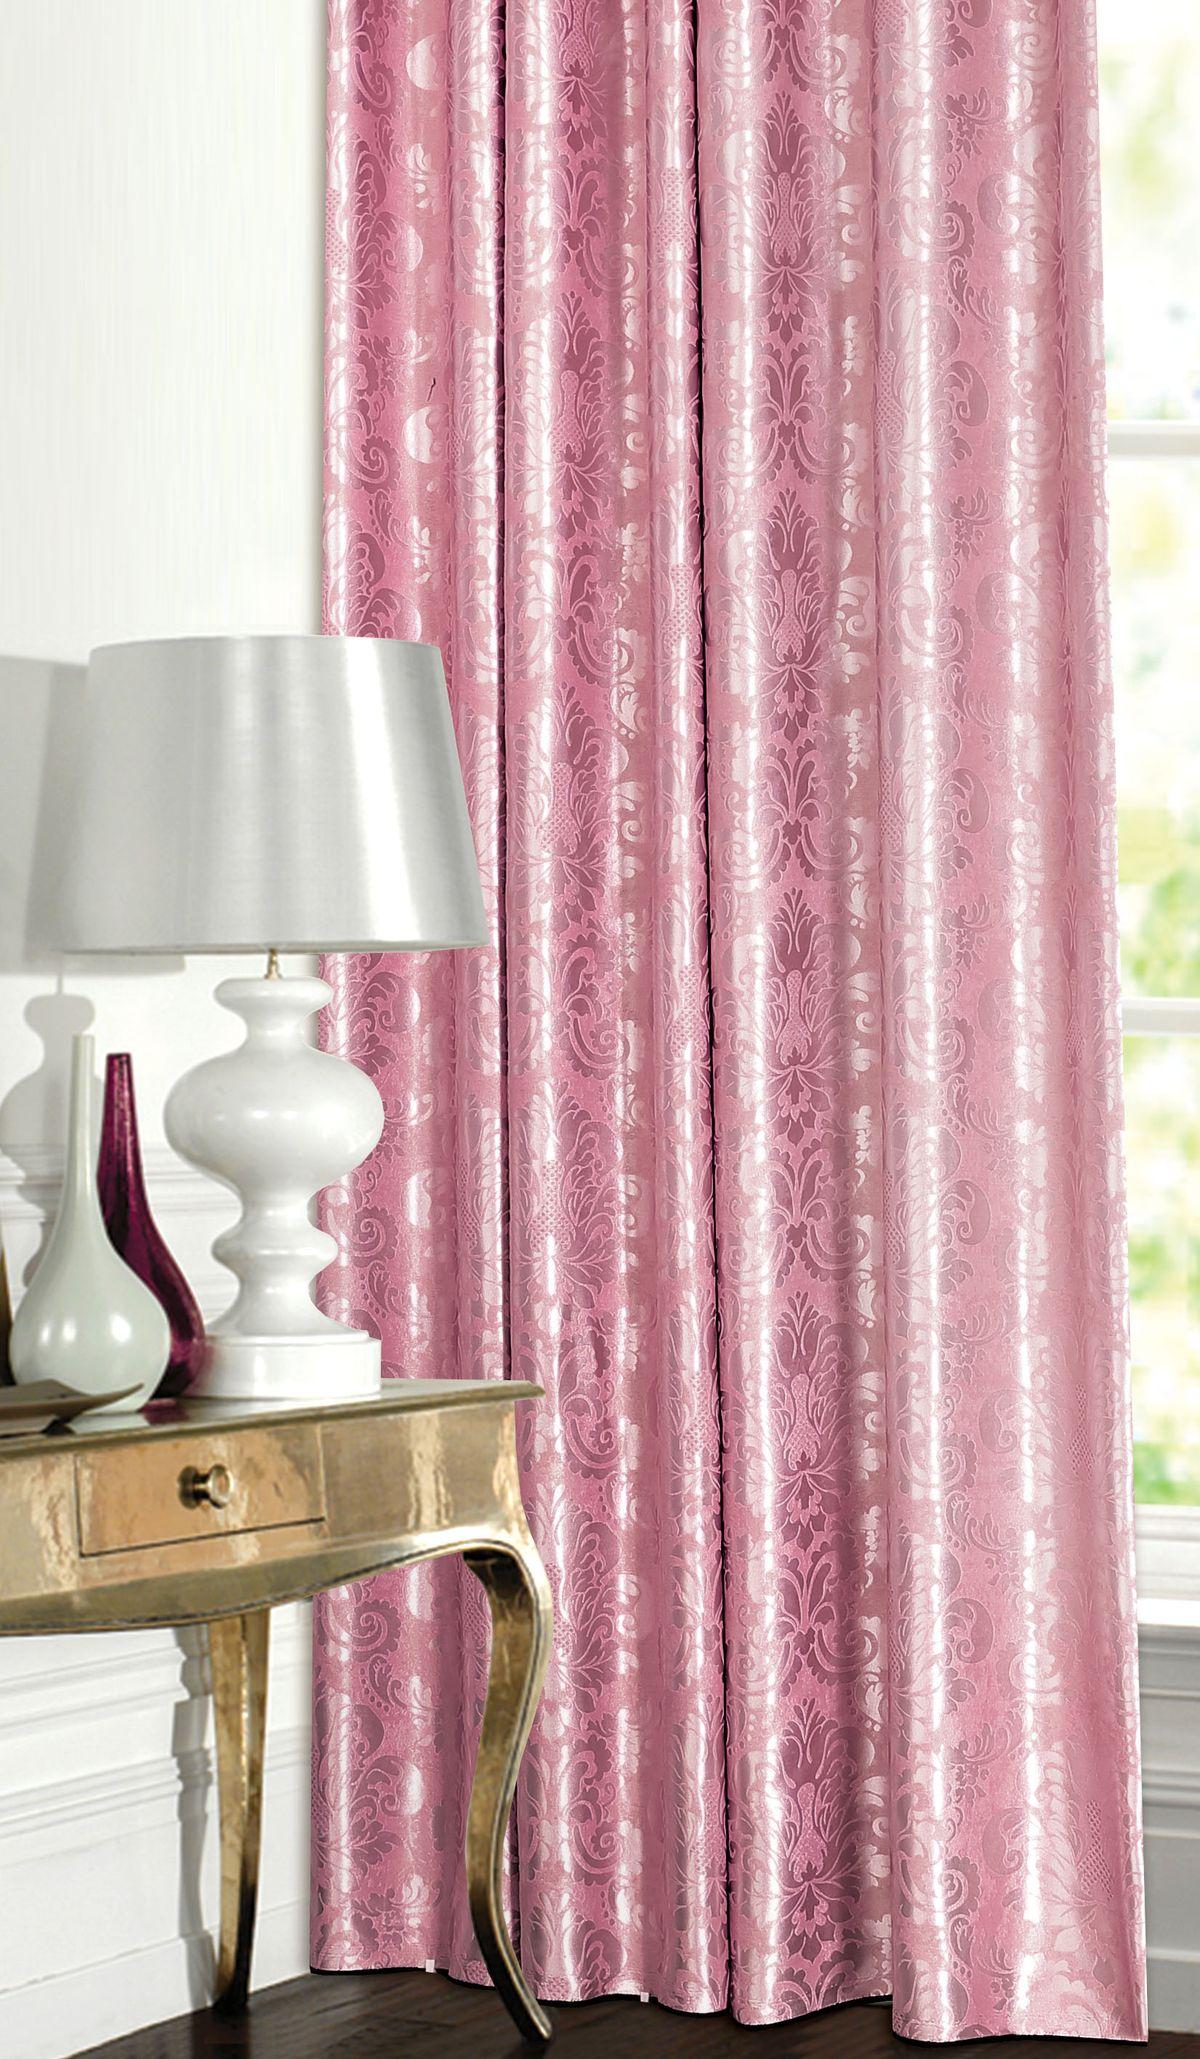 Штора готовая Garden, на ленте, цвет: розовый, 180х260 см. С 537392 V81004900000360Изящная штора для гостиной Garden выполнена из плотной ткани жаккард. Приятная текстура и цвет привлекут к себе внимание и органично впишутся в интерьер помещения. Штора крепится на карниз при помощи ленты, которая поможет красиво и равномерно задрапировать верх.